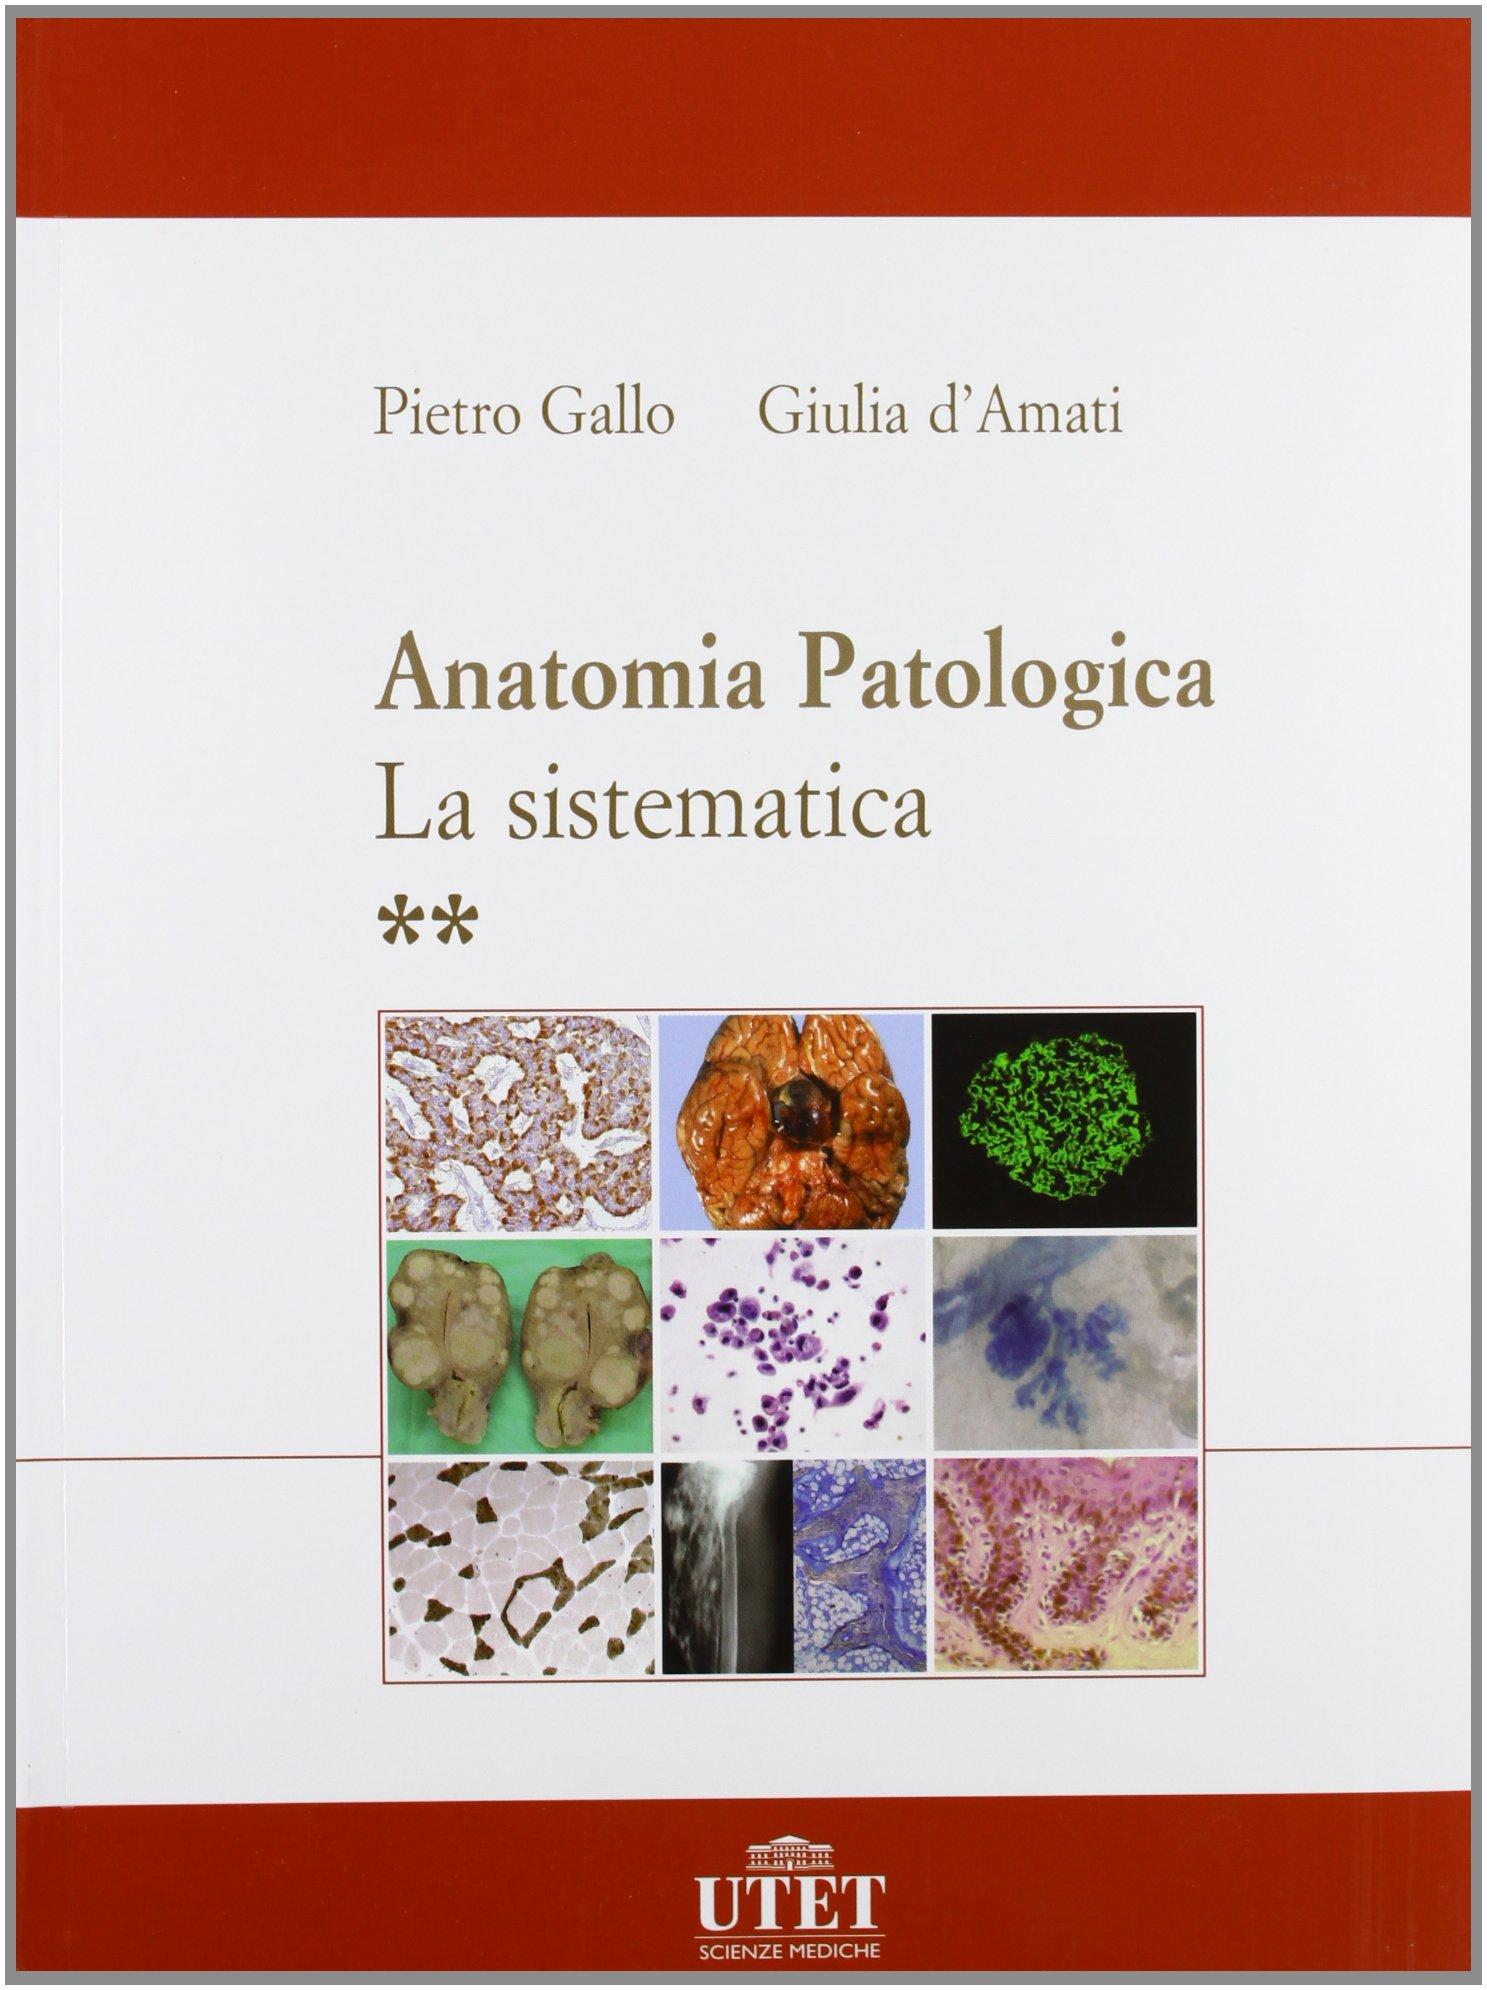 Excelente Anatomía Del Gallo Imágenes - Imágenes de Anatomía Humana ...